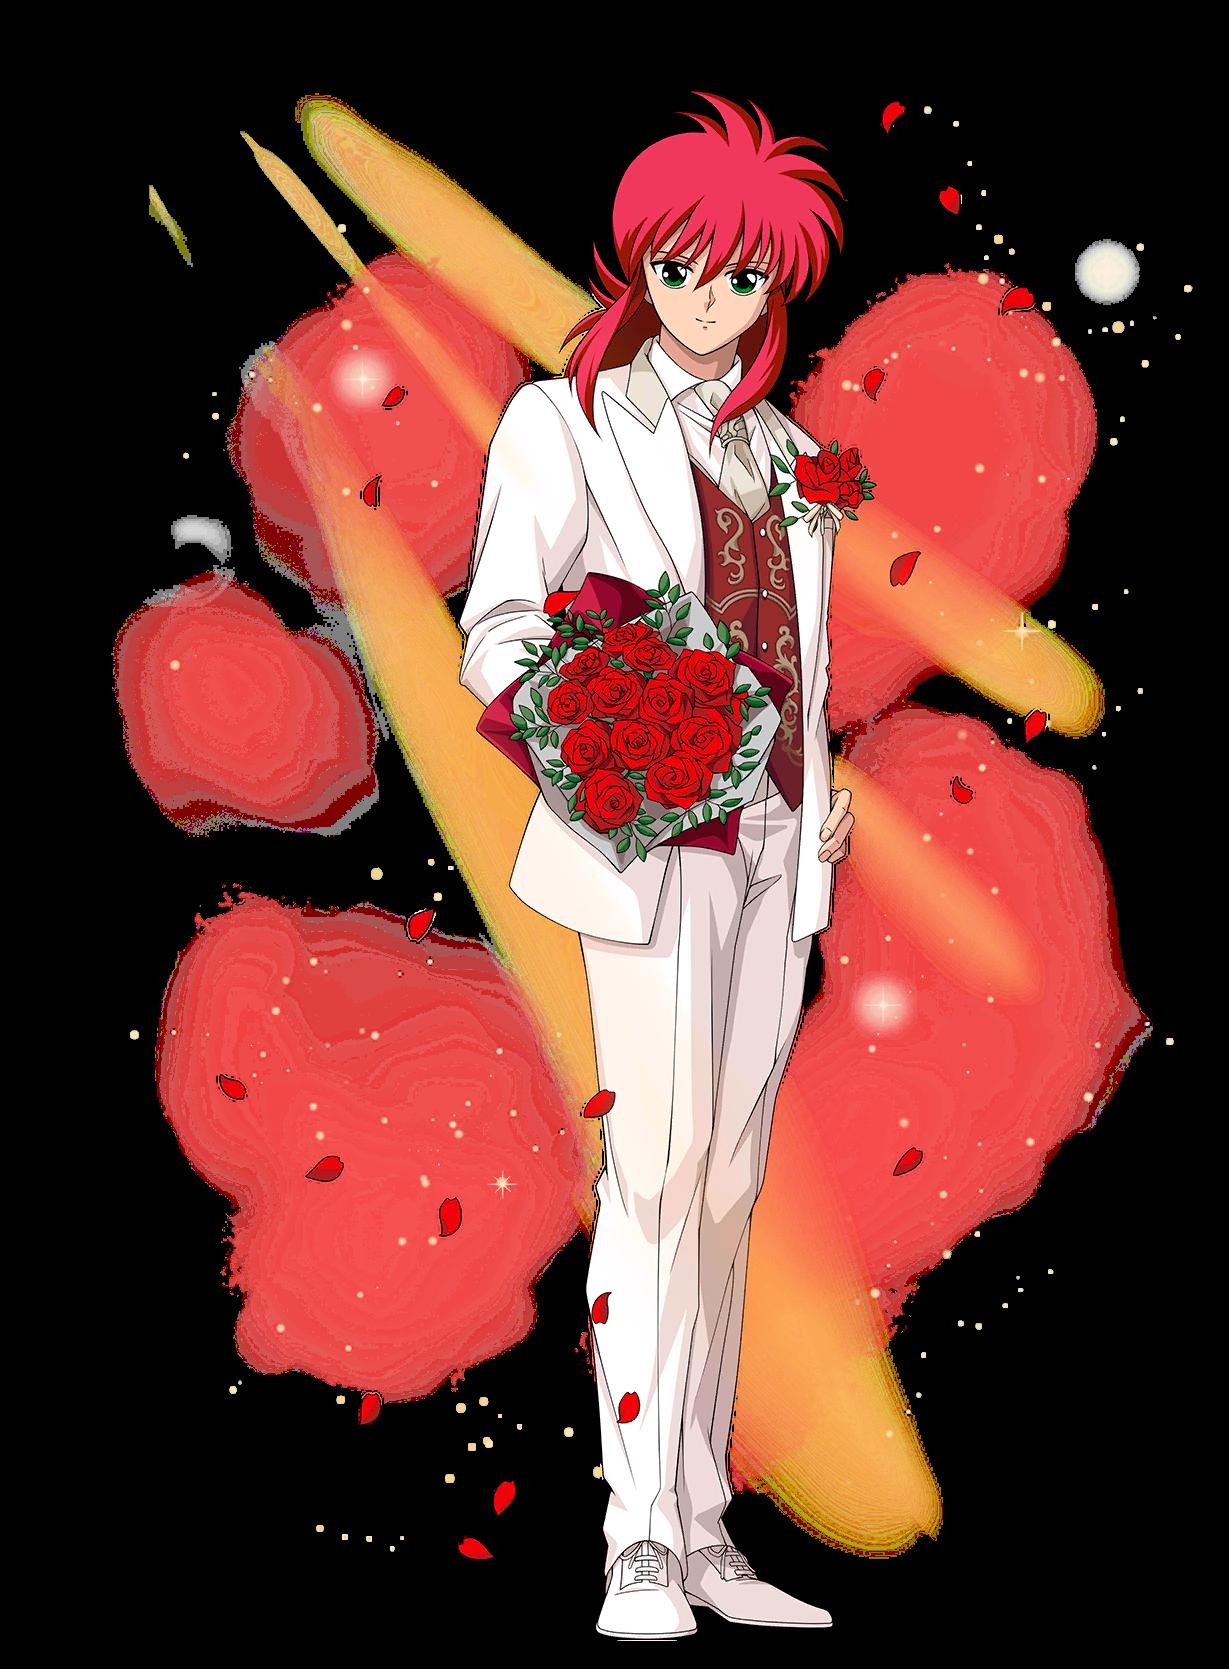 Shuichi Minamino